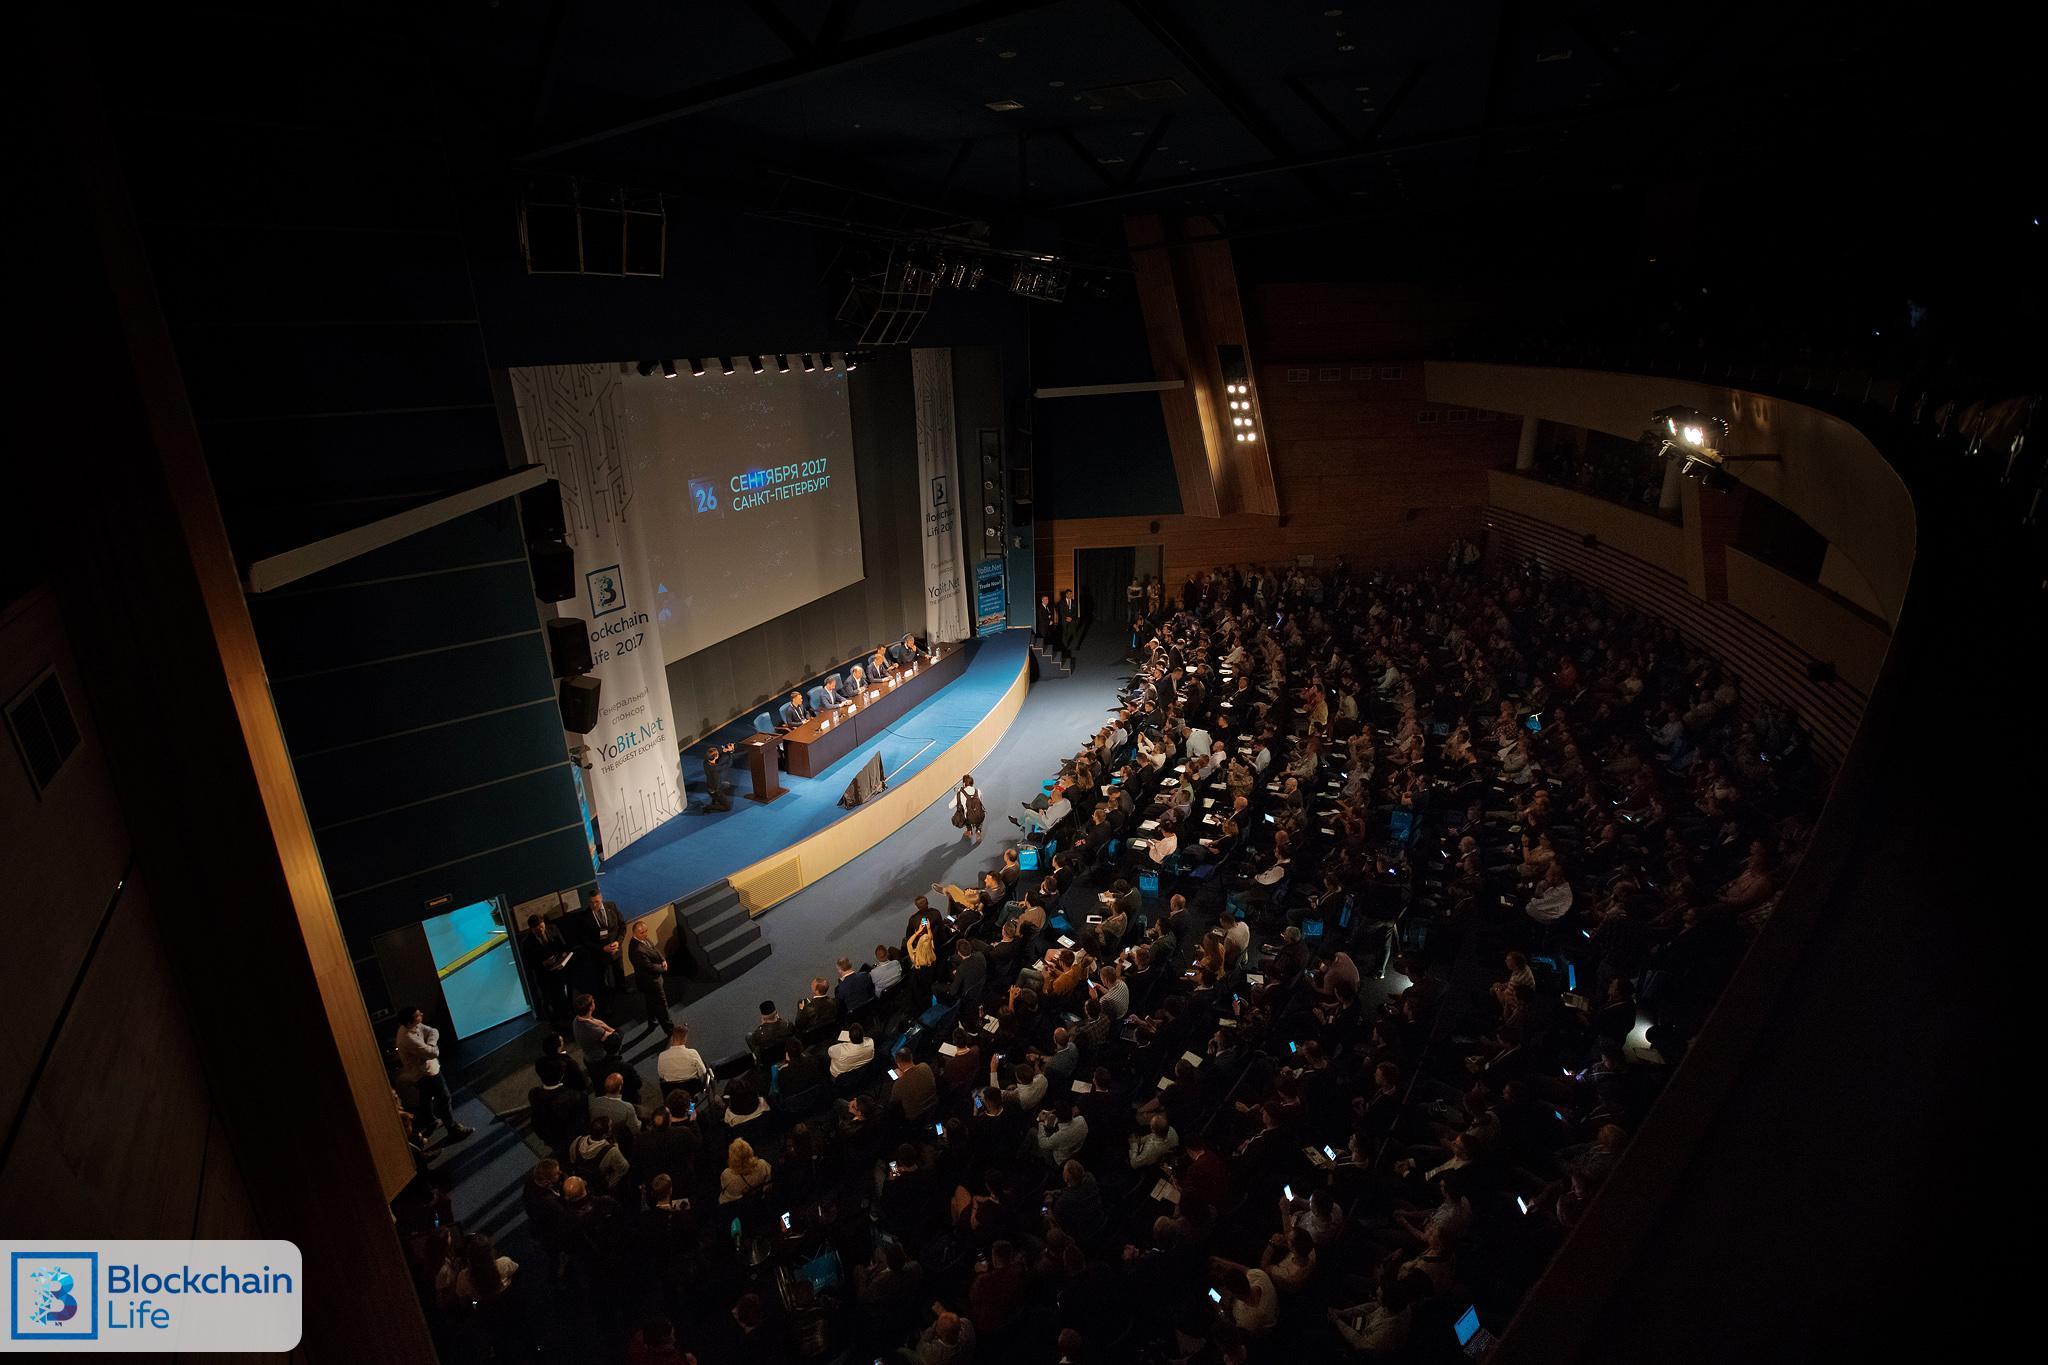 Конференция по криптовалюте спб стратегии бинарных опционов на часовом таймфрейме